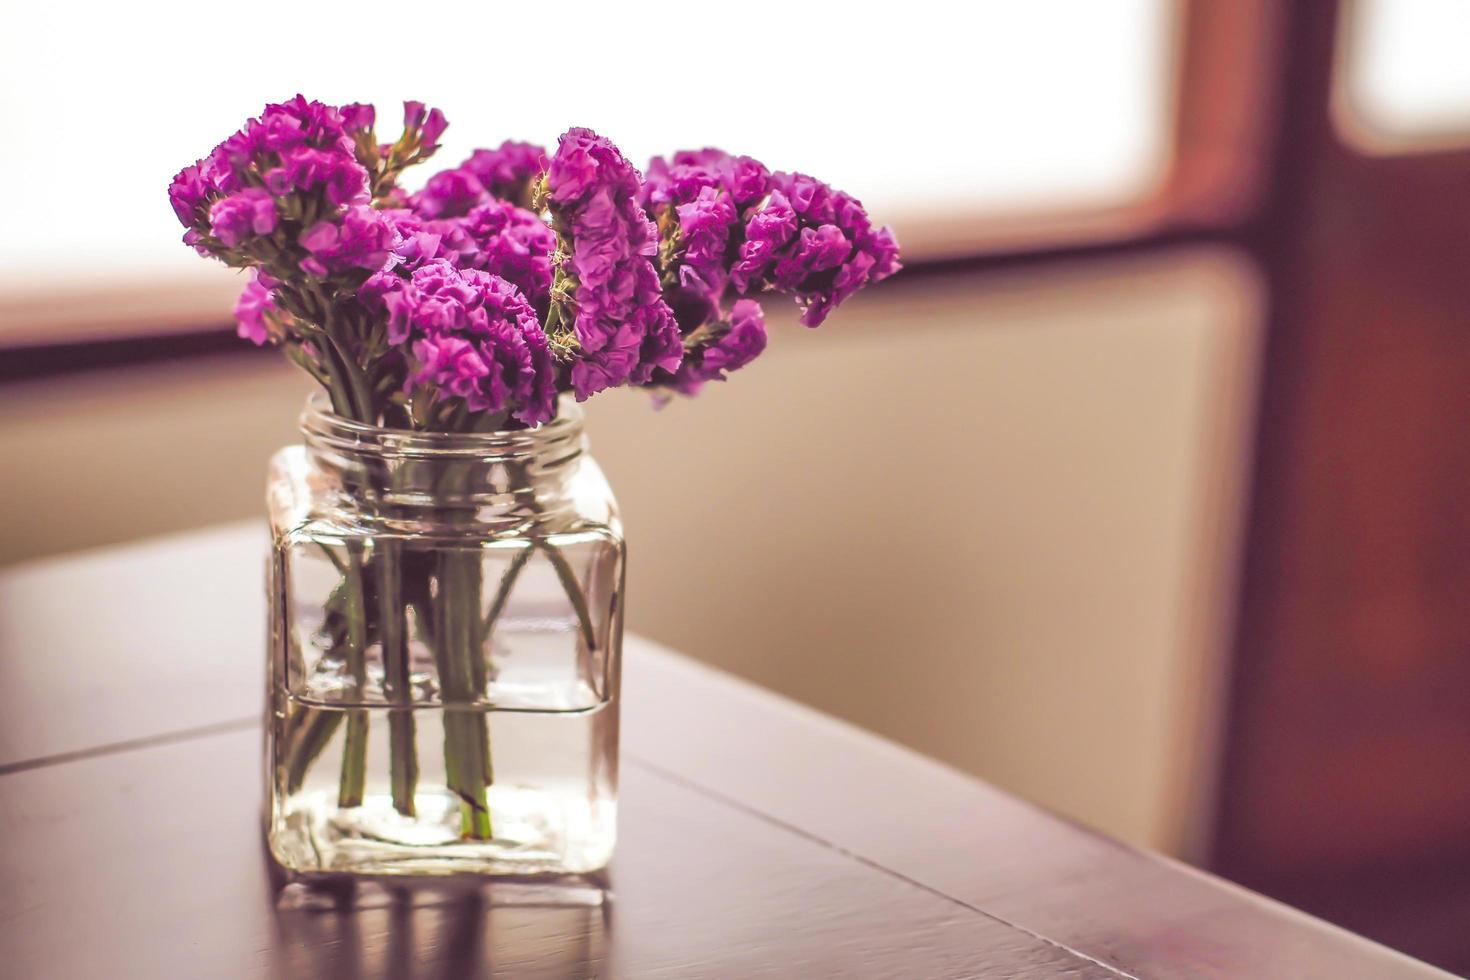 Purple flowers in a glass jar photo